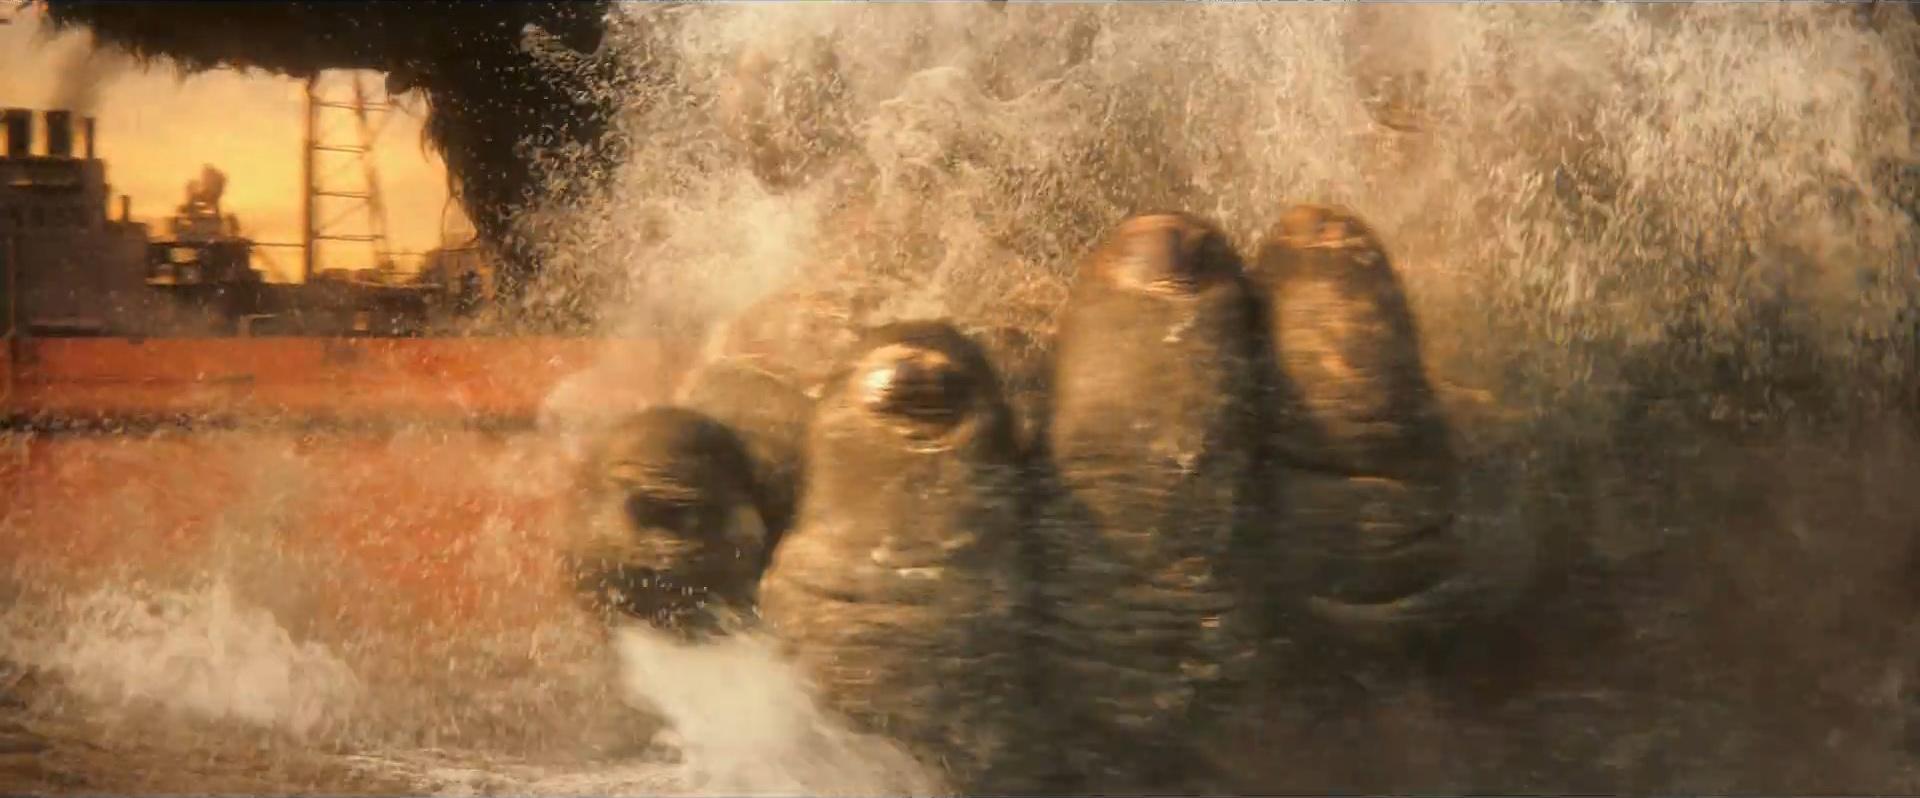 Godzilla vs Kong Trailer Still 06 - Kong's hand